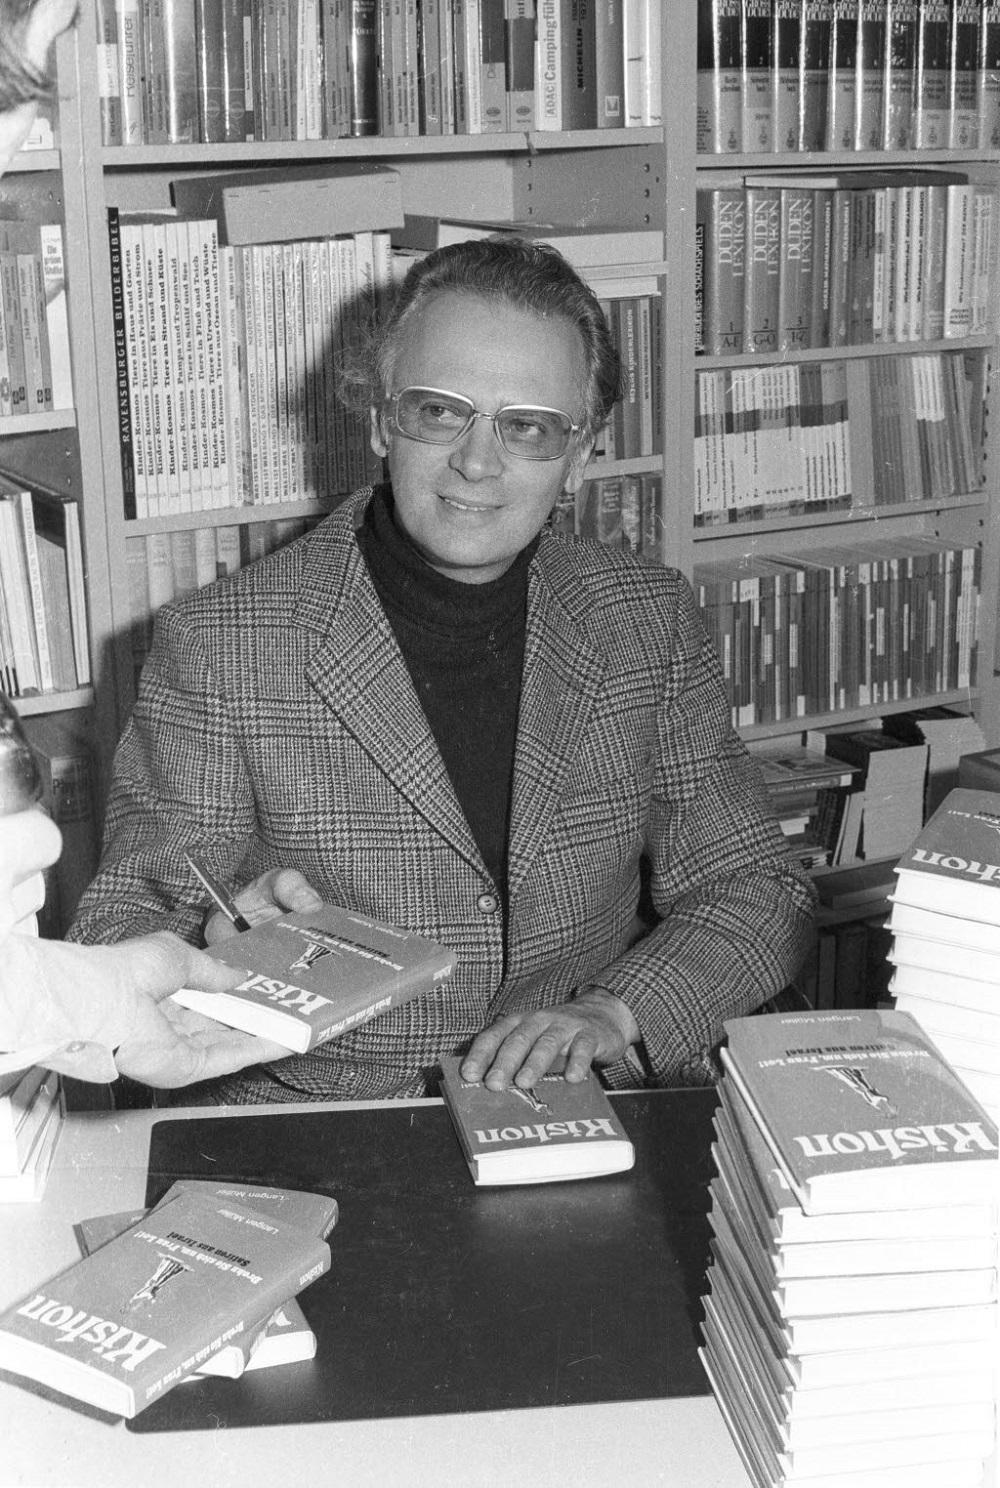 Эфраим Кишон подписывает свои книги. Фото: Википедия